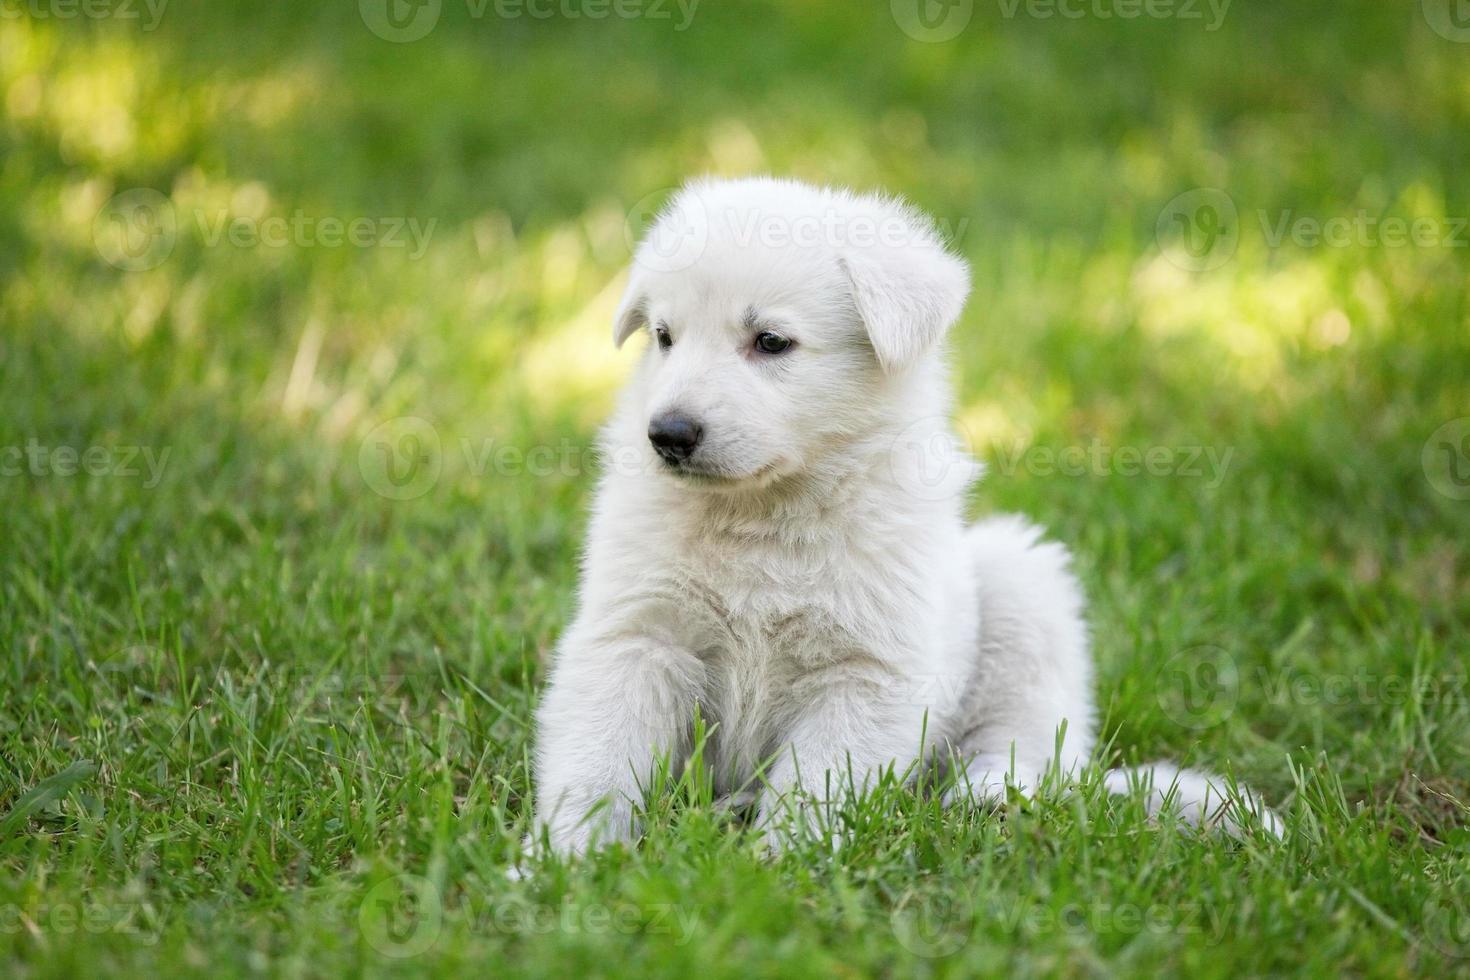 cucciolo di pastore svizzero bianco foto